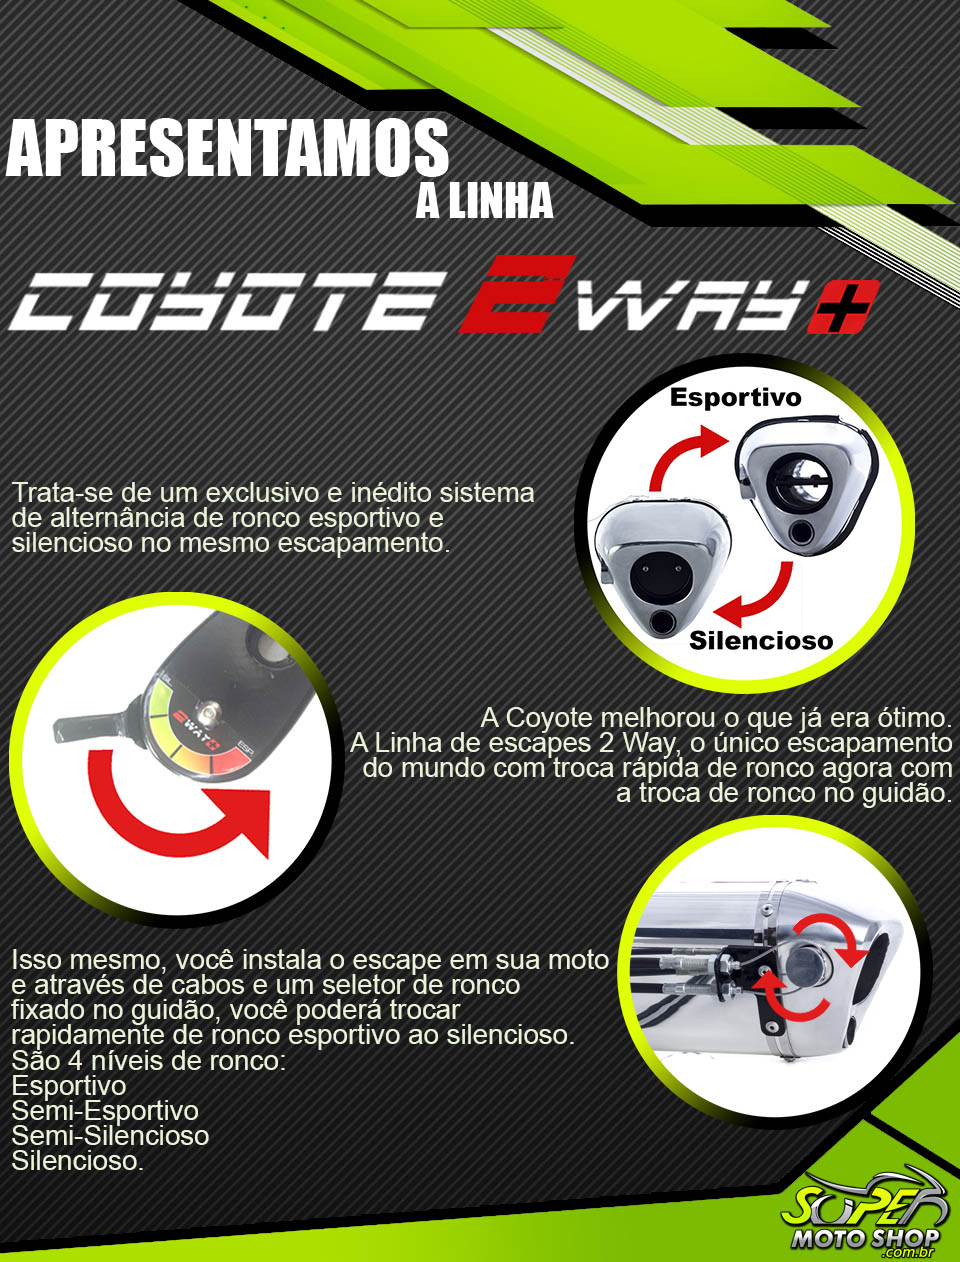 Escape / Ponteira Coyote Modelo TRS 2 Way + Mais em Alumínio - ADV 150 - Honda